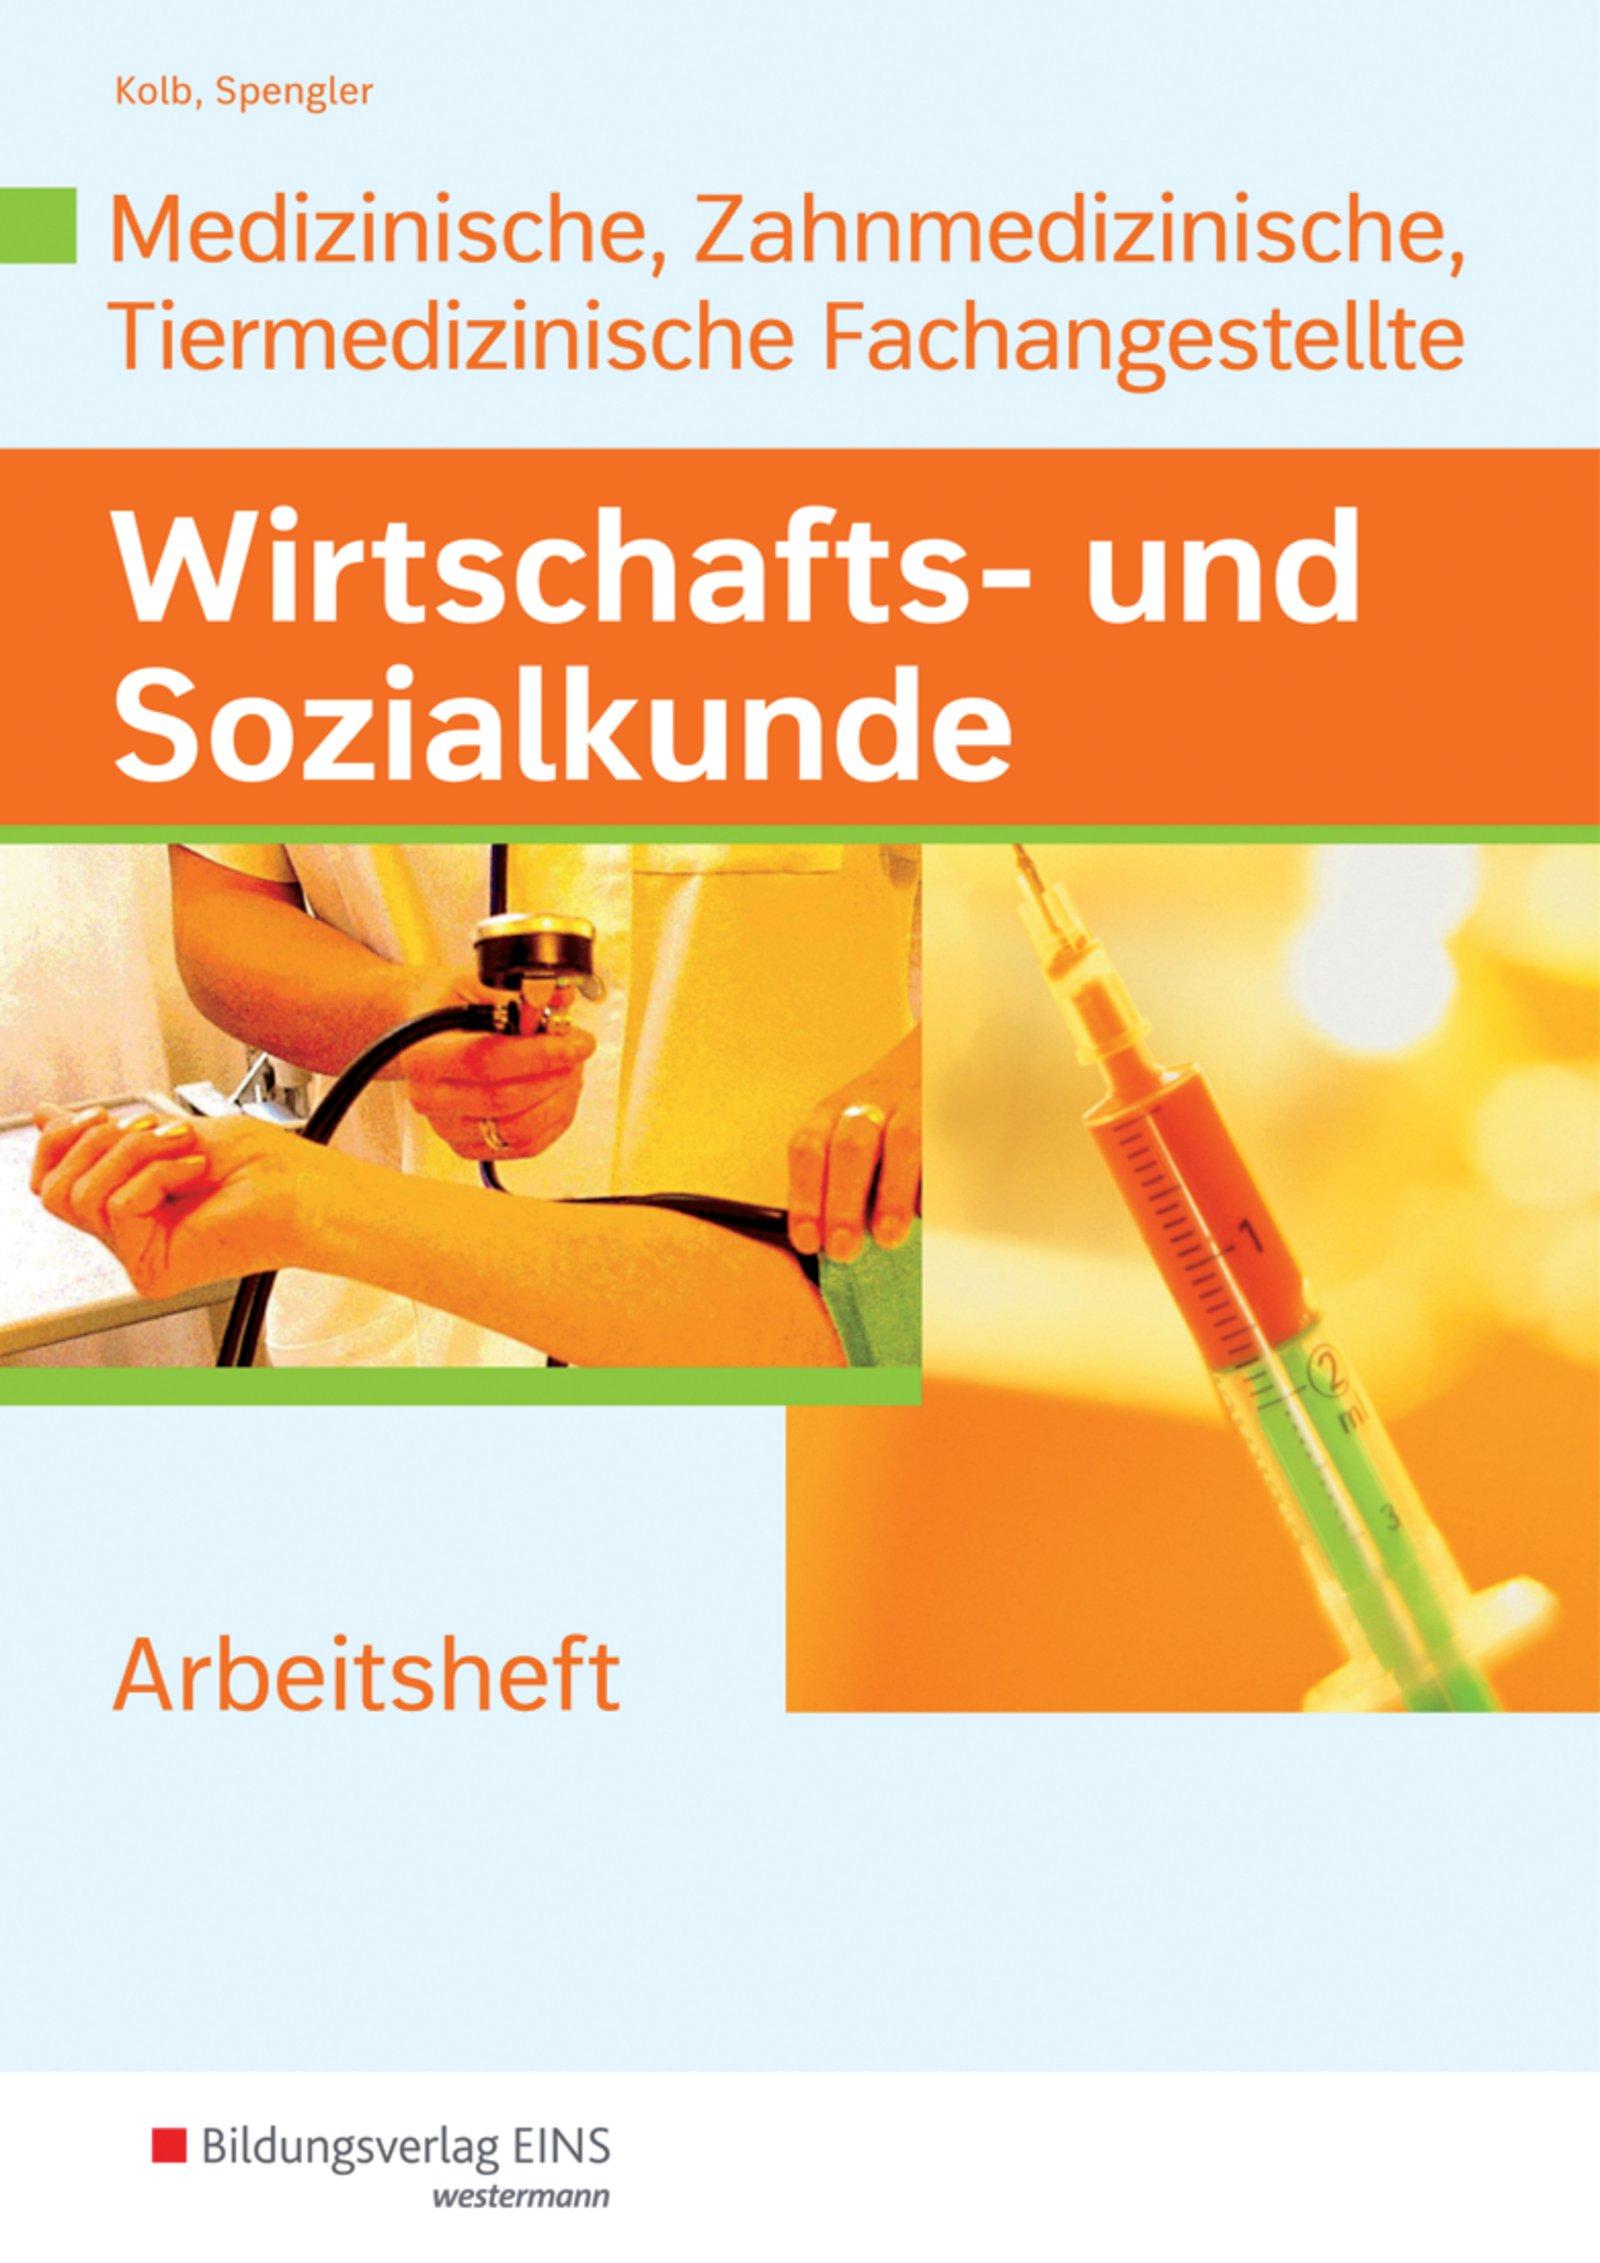 Wirtschafts  Und Sozialkunde  Ausgabe Für Medizinische Zahnmedizinische Und Tiermedizinische Fachangestellte  Lernsituationen